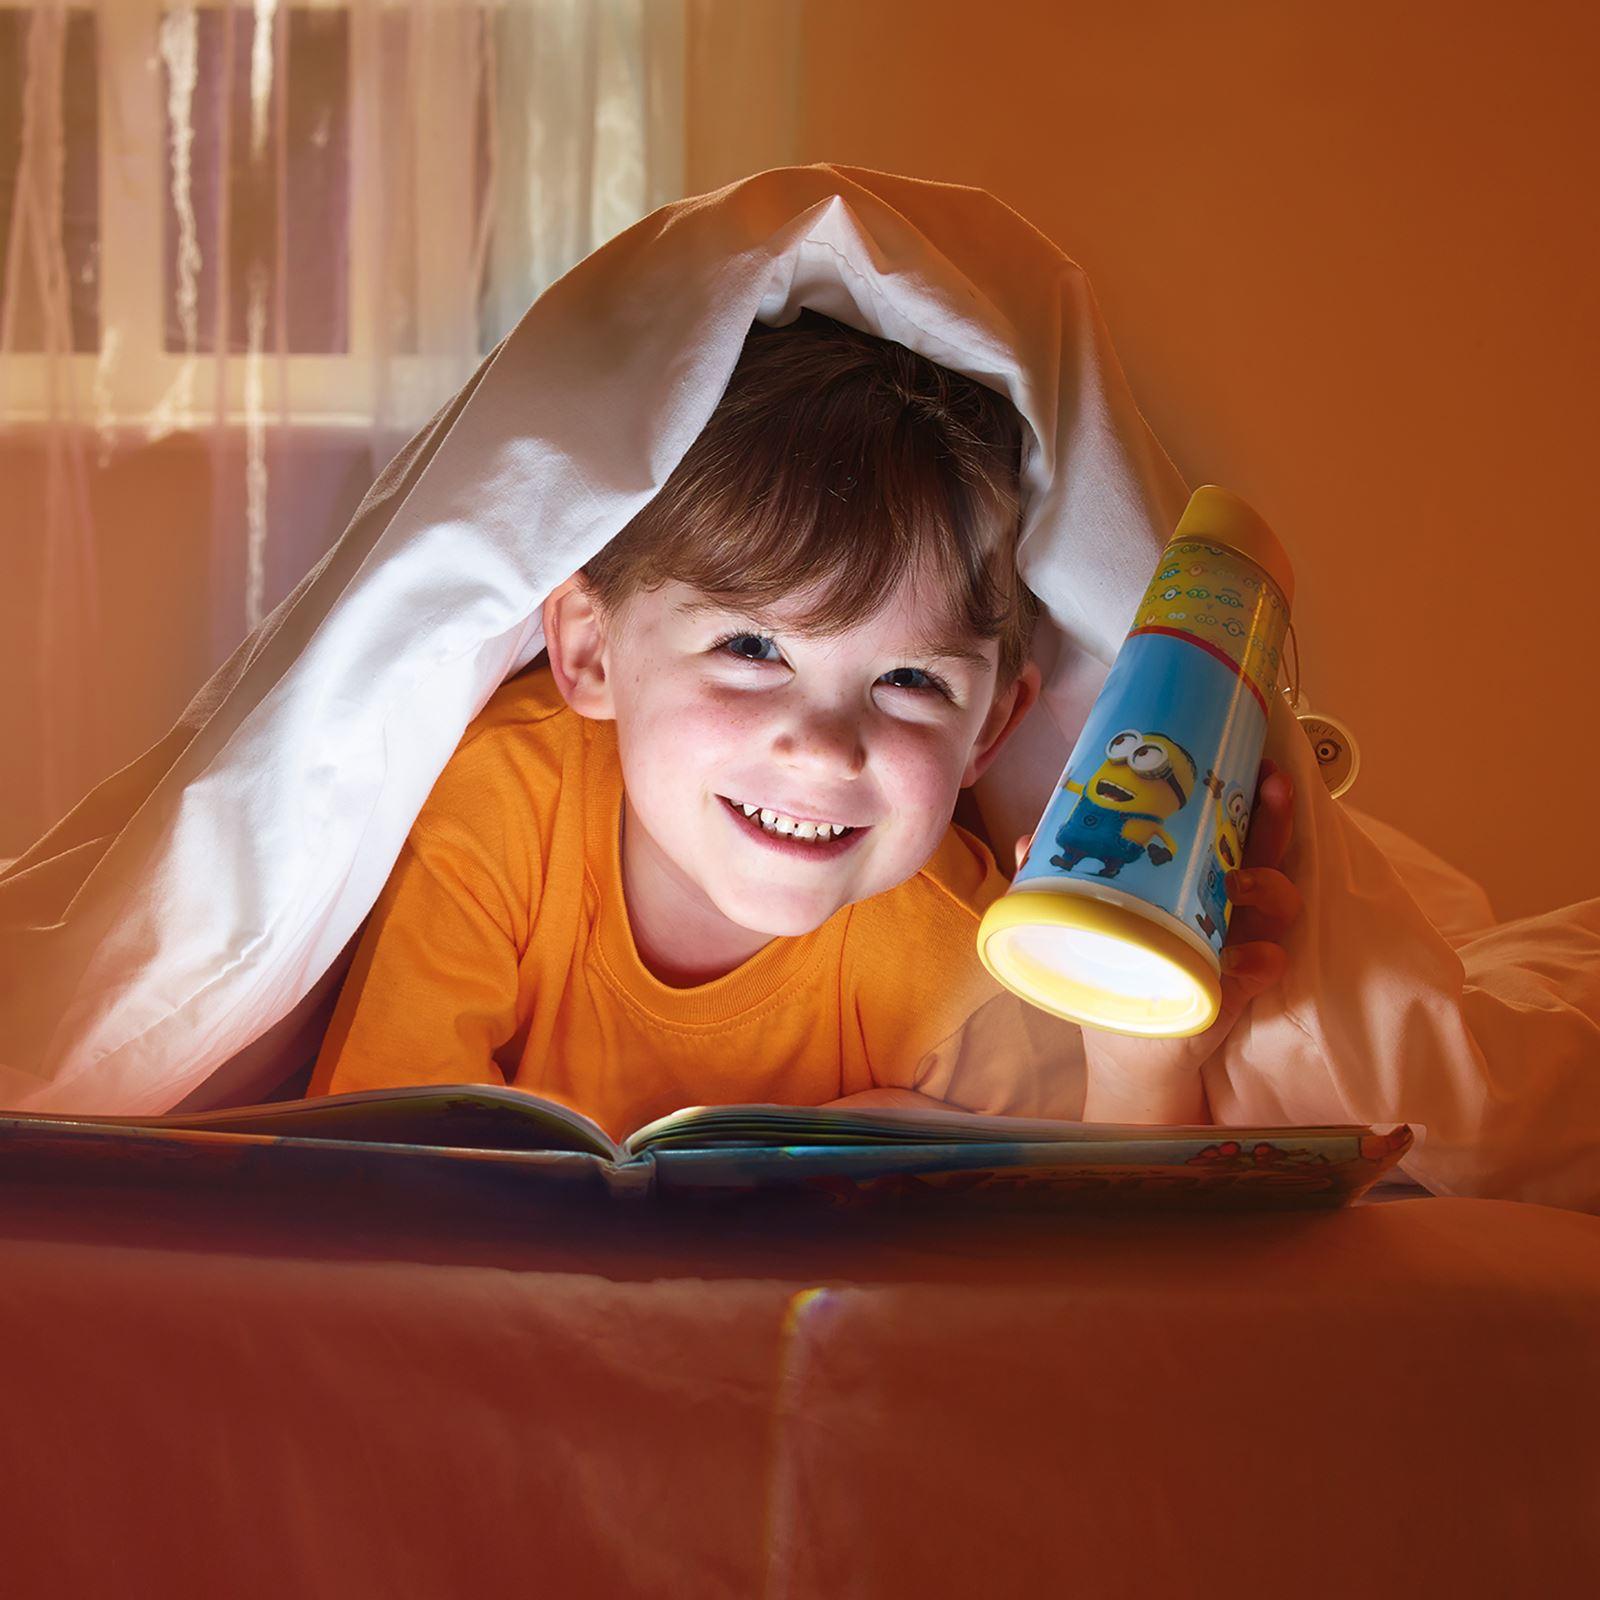 Indexbild 9 - Go Glow Nacht Beam Kipp Torch Beleuchtung Licht Kinder Schlafzimmer